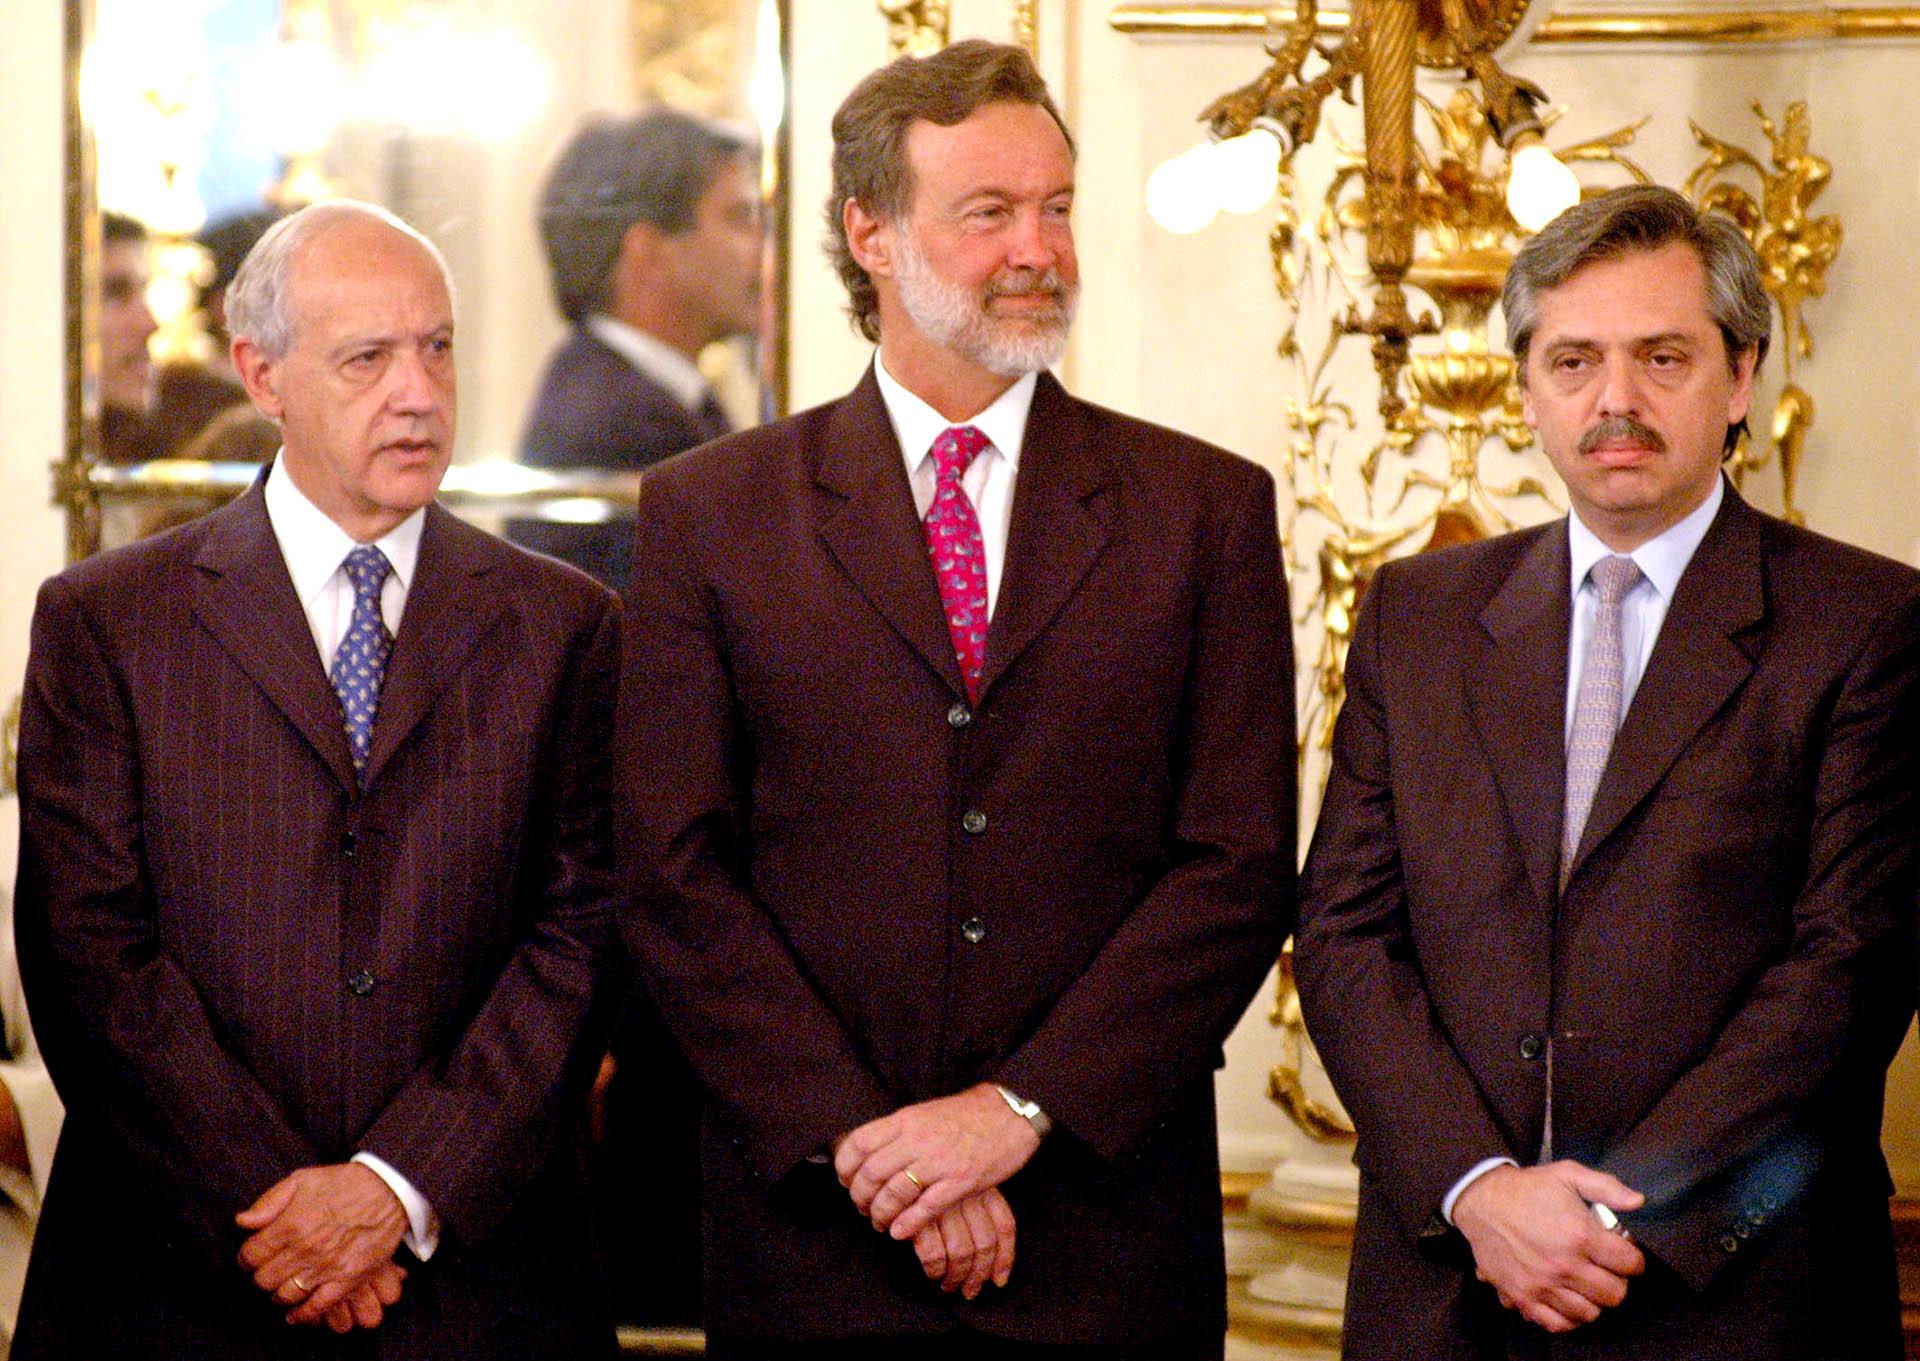 Compartió gabinete con Roberto Lavagana, quien estuvo al frente del Ministerio de Economía y Producción durante los dos primeros años de la presidencia de Néstor Kirchner, hasta su renuncia en noviembre de 2005. No tuvo una relación particularmente buena entonces. En la foto, también Rafael Bielsa, por entonces canciller.